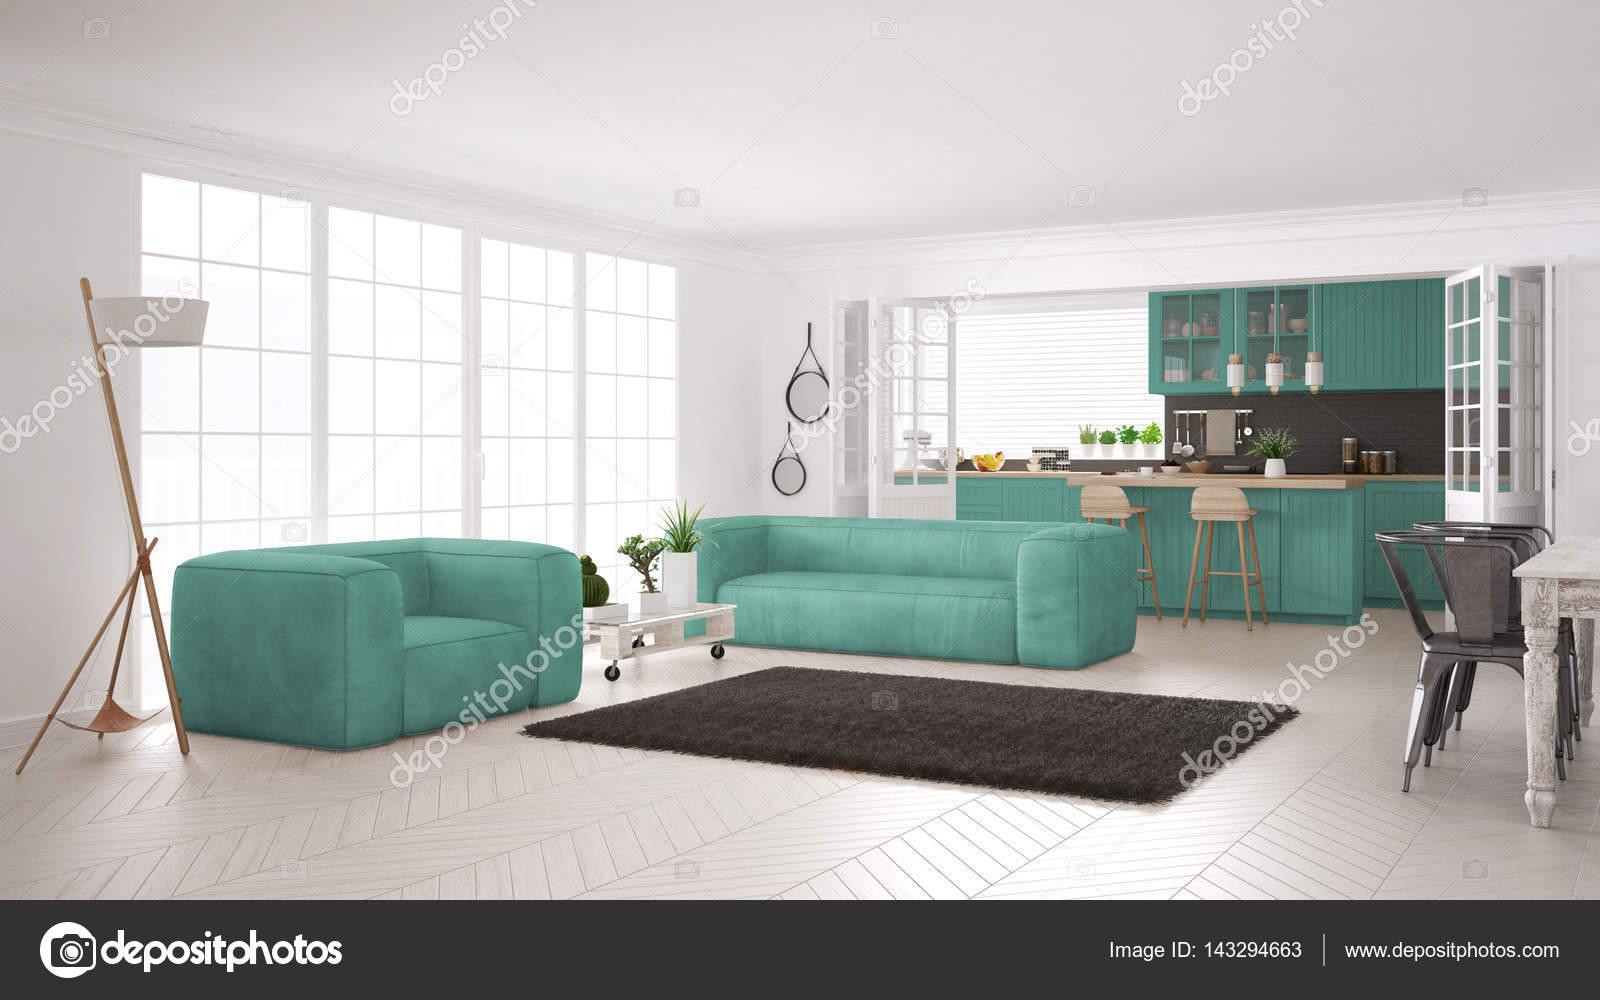 minimalistyczne bia y i turkusowy salon z kuchni skandynawska zdj cie stockowe archiviz. Black Bedroom Furniture Sets. Home Design Ideas